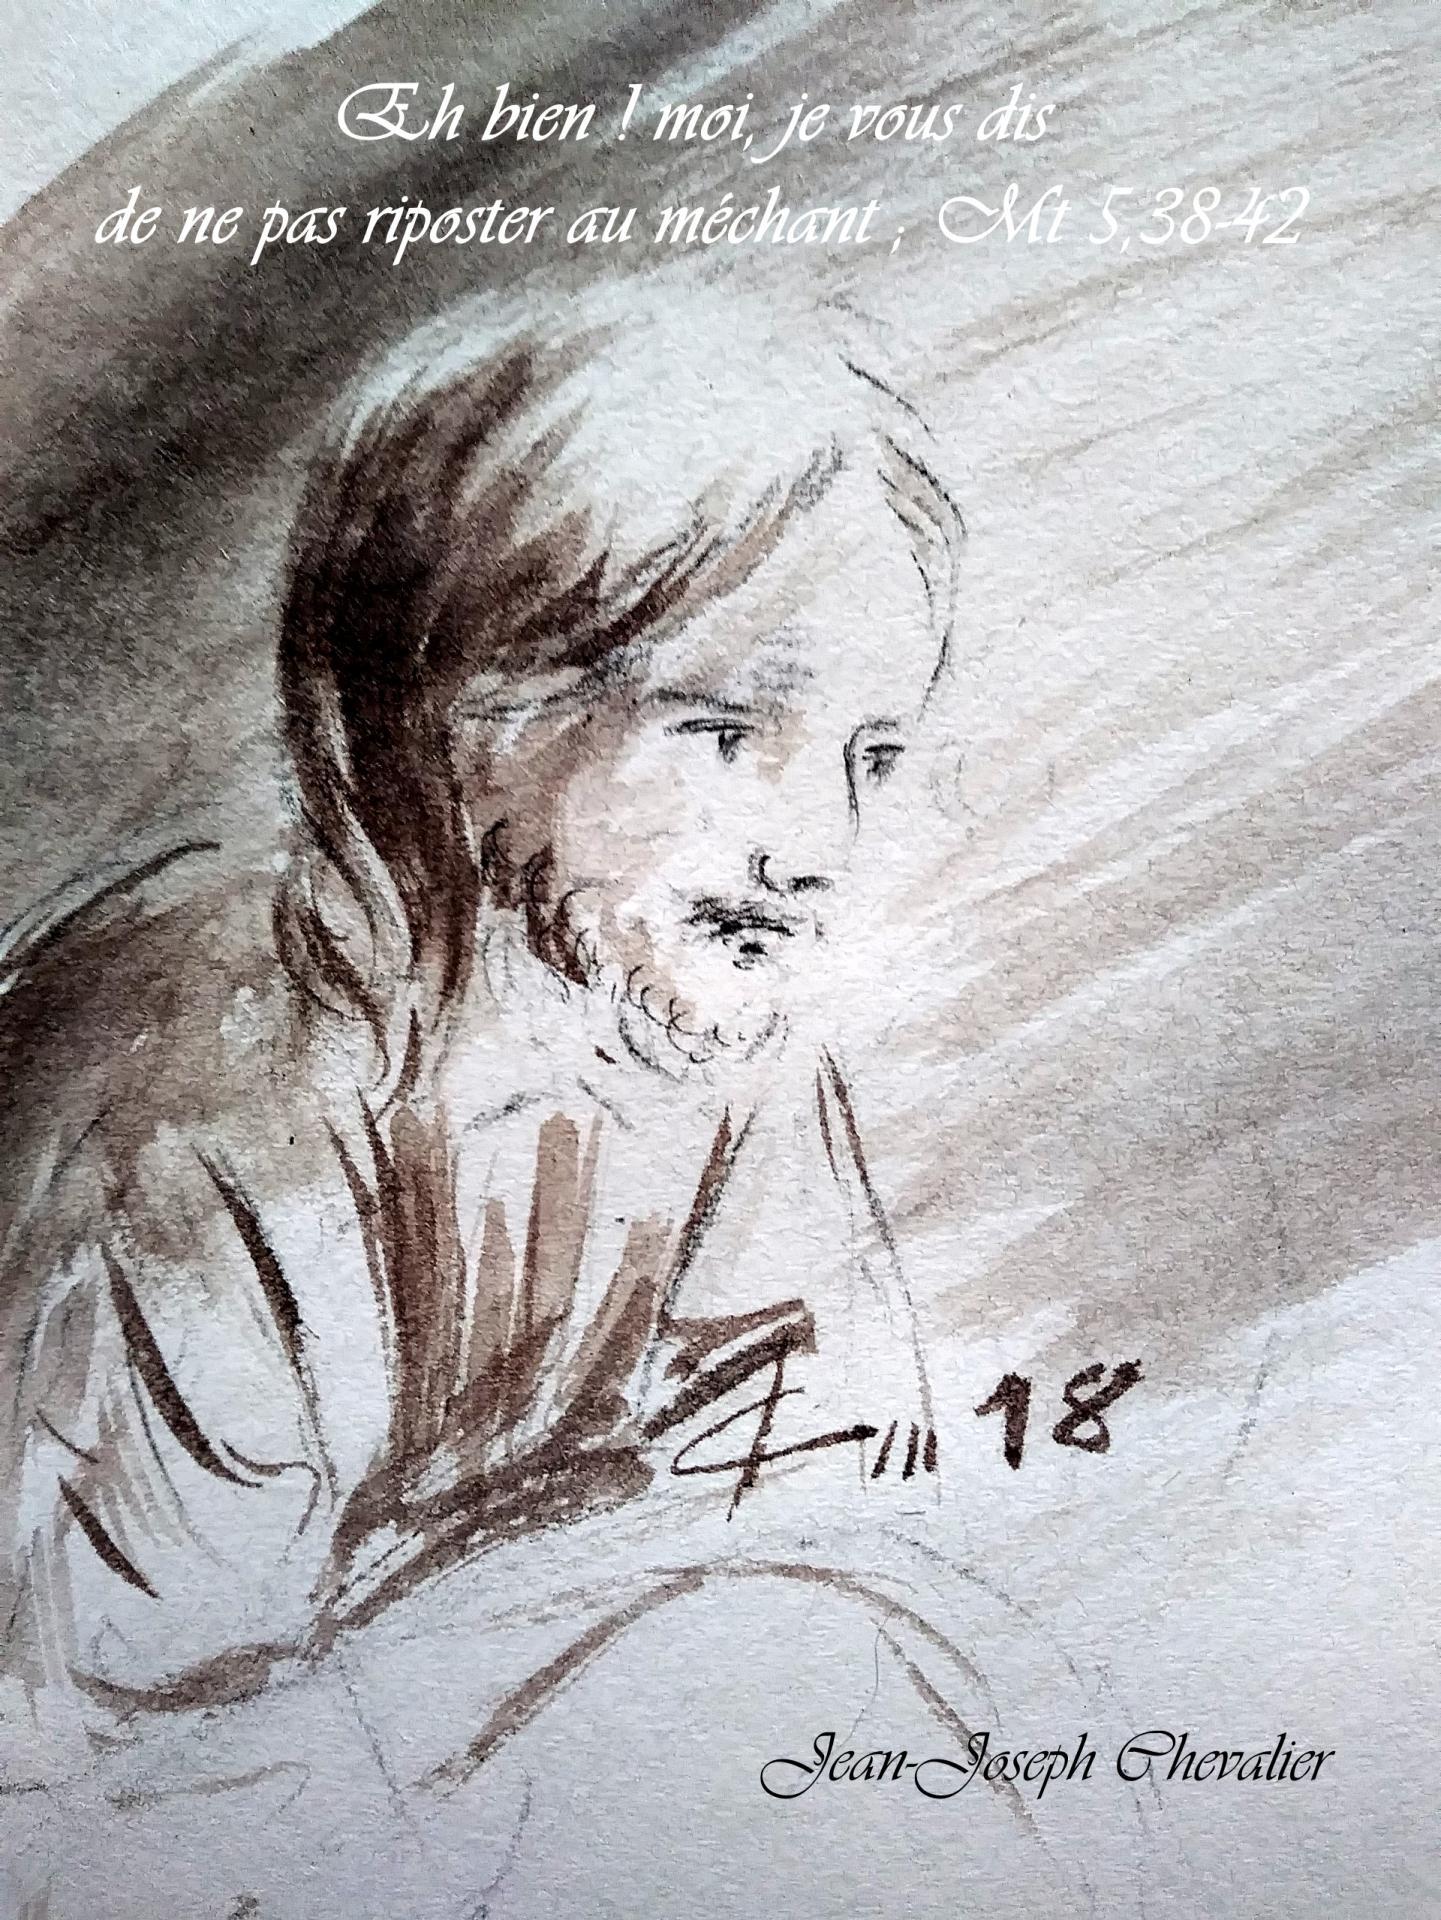 18 Juin 2018, évangile du jour illustré par un dessin au lavis